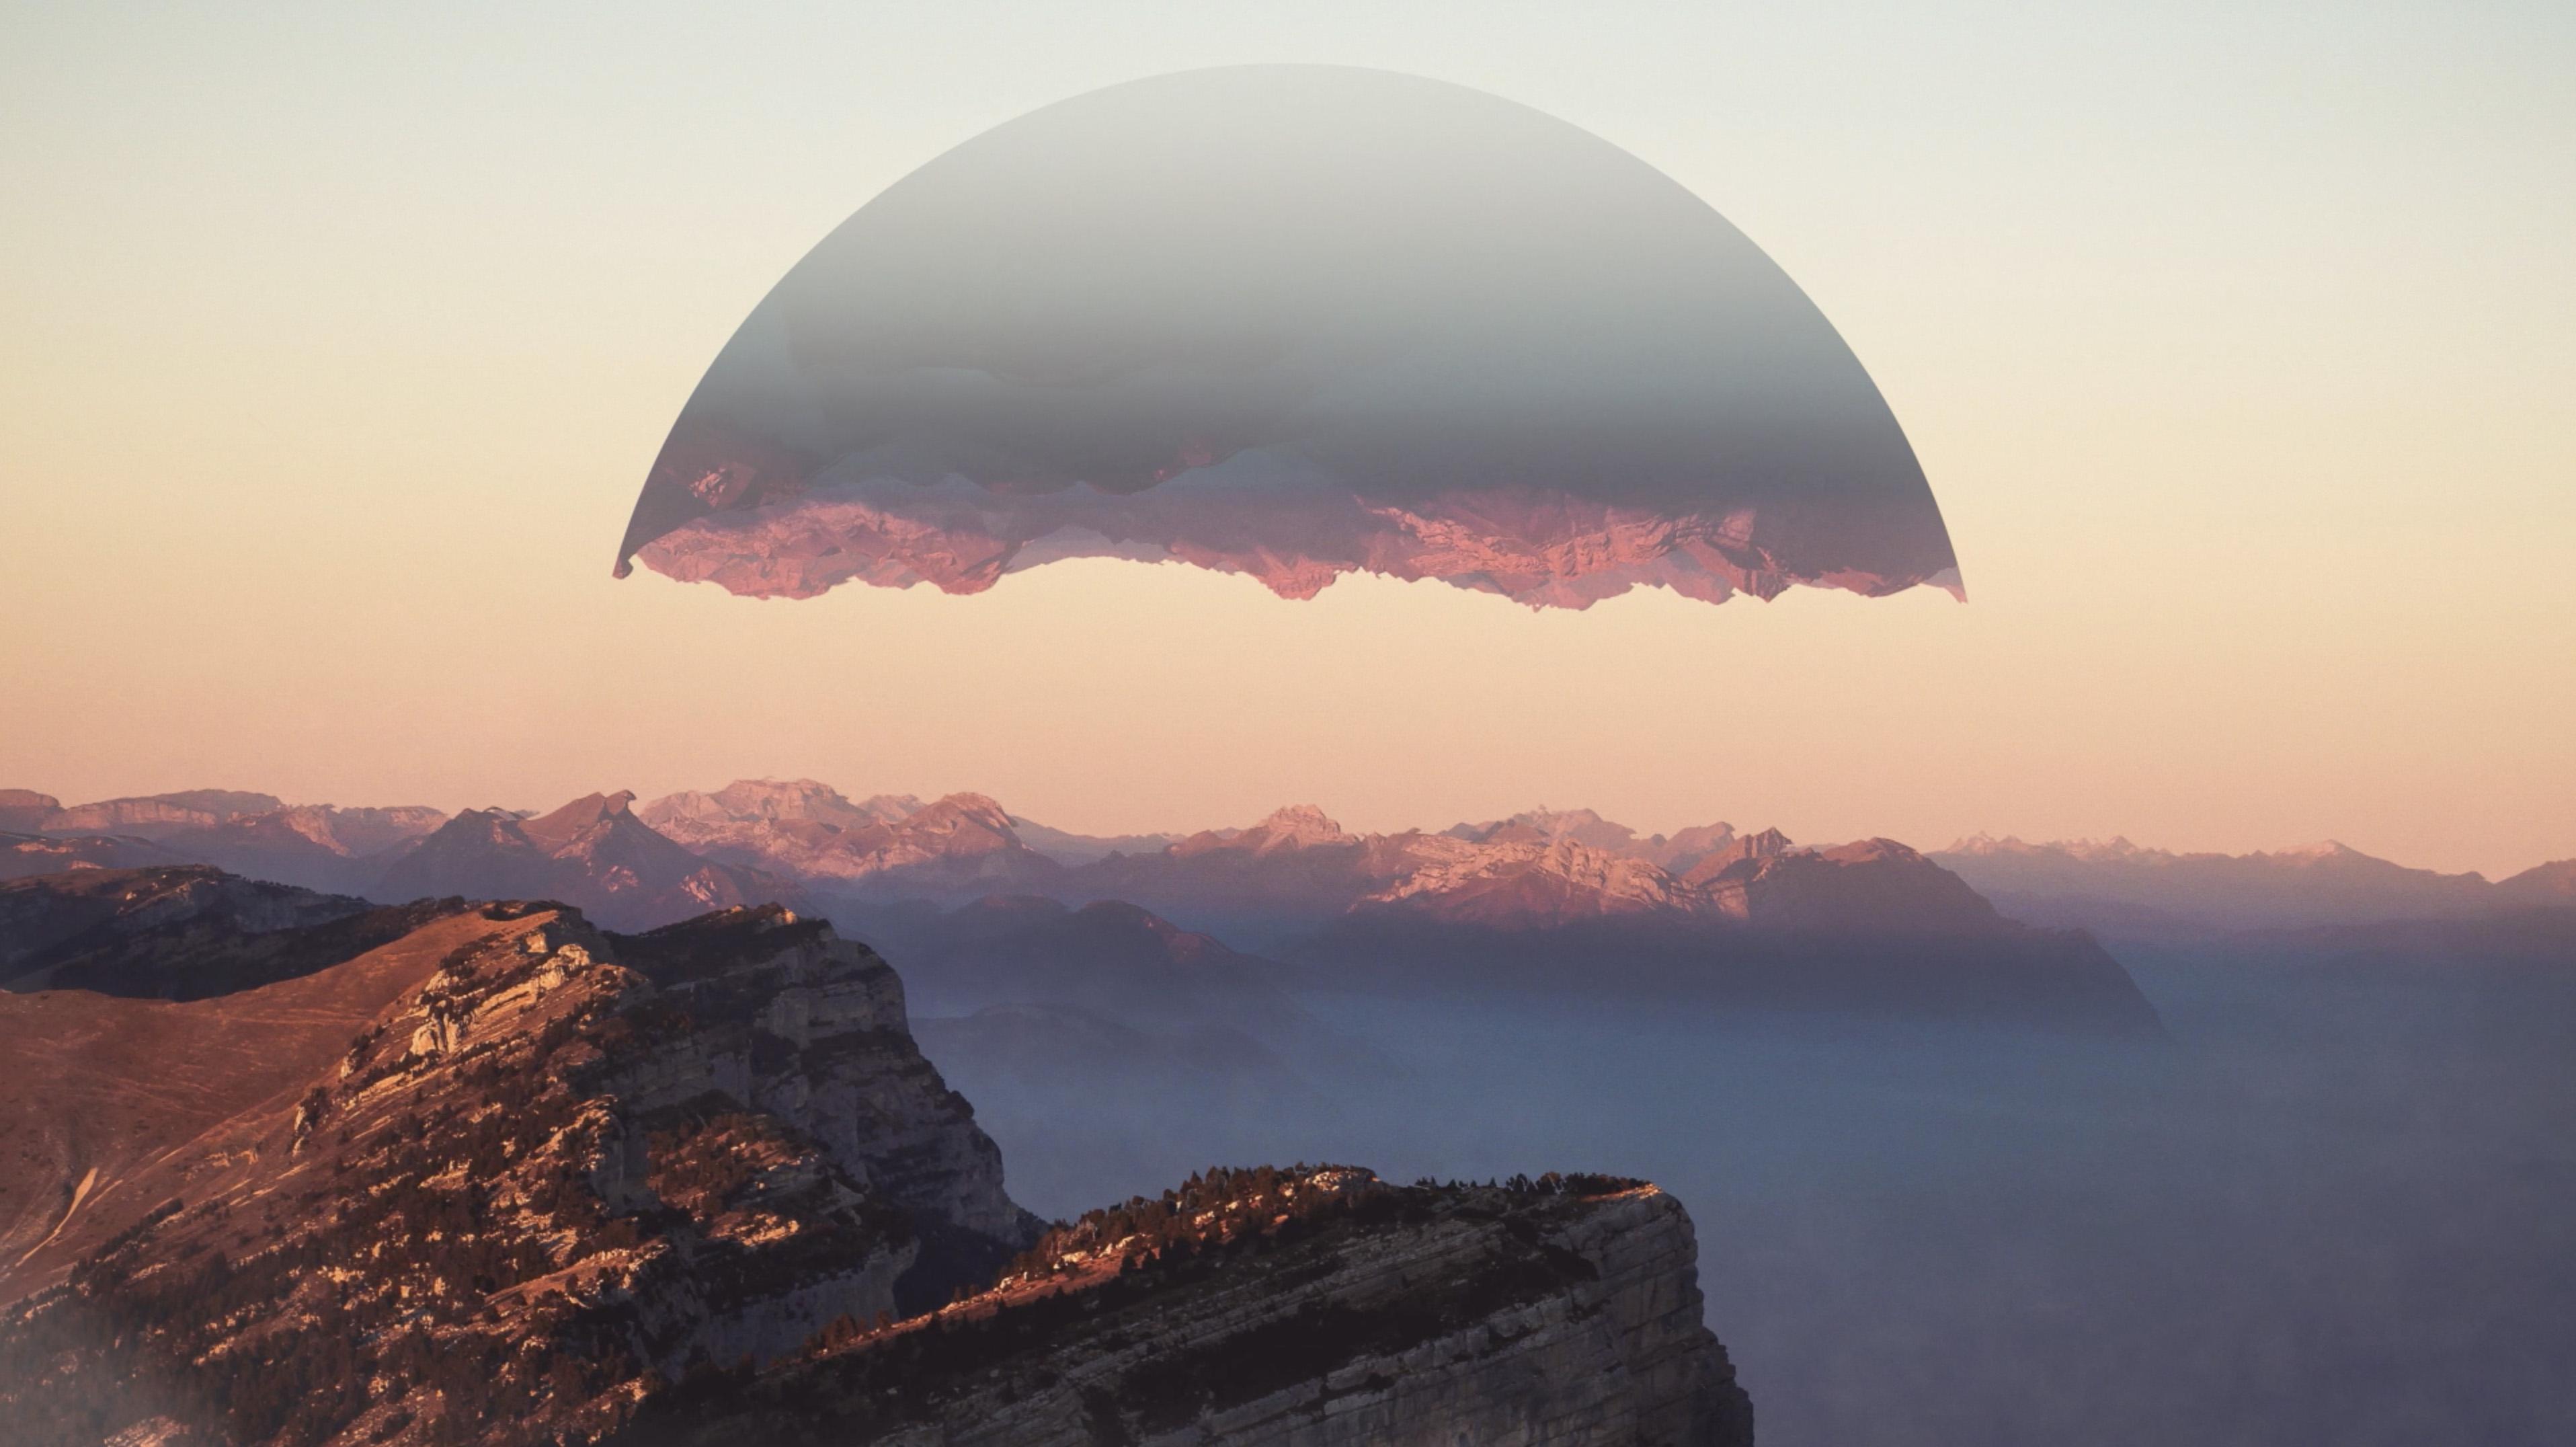 The New Horizons - Edge